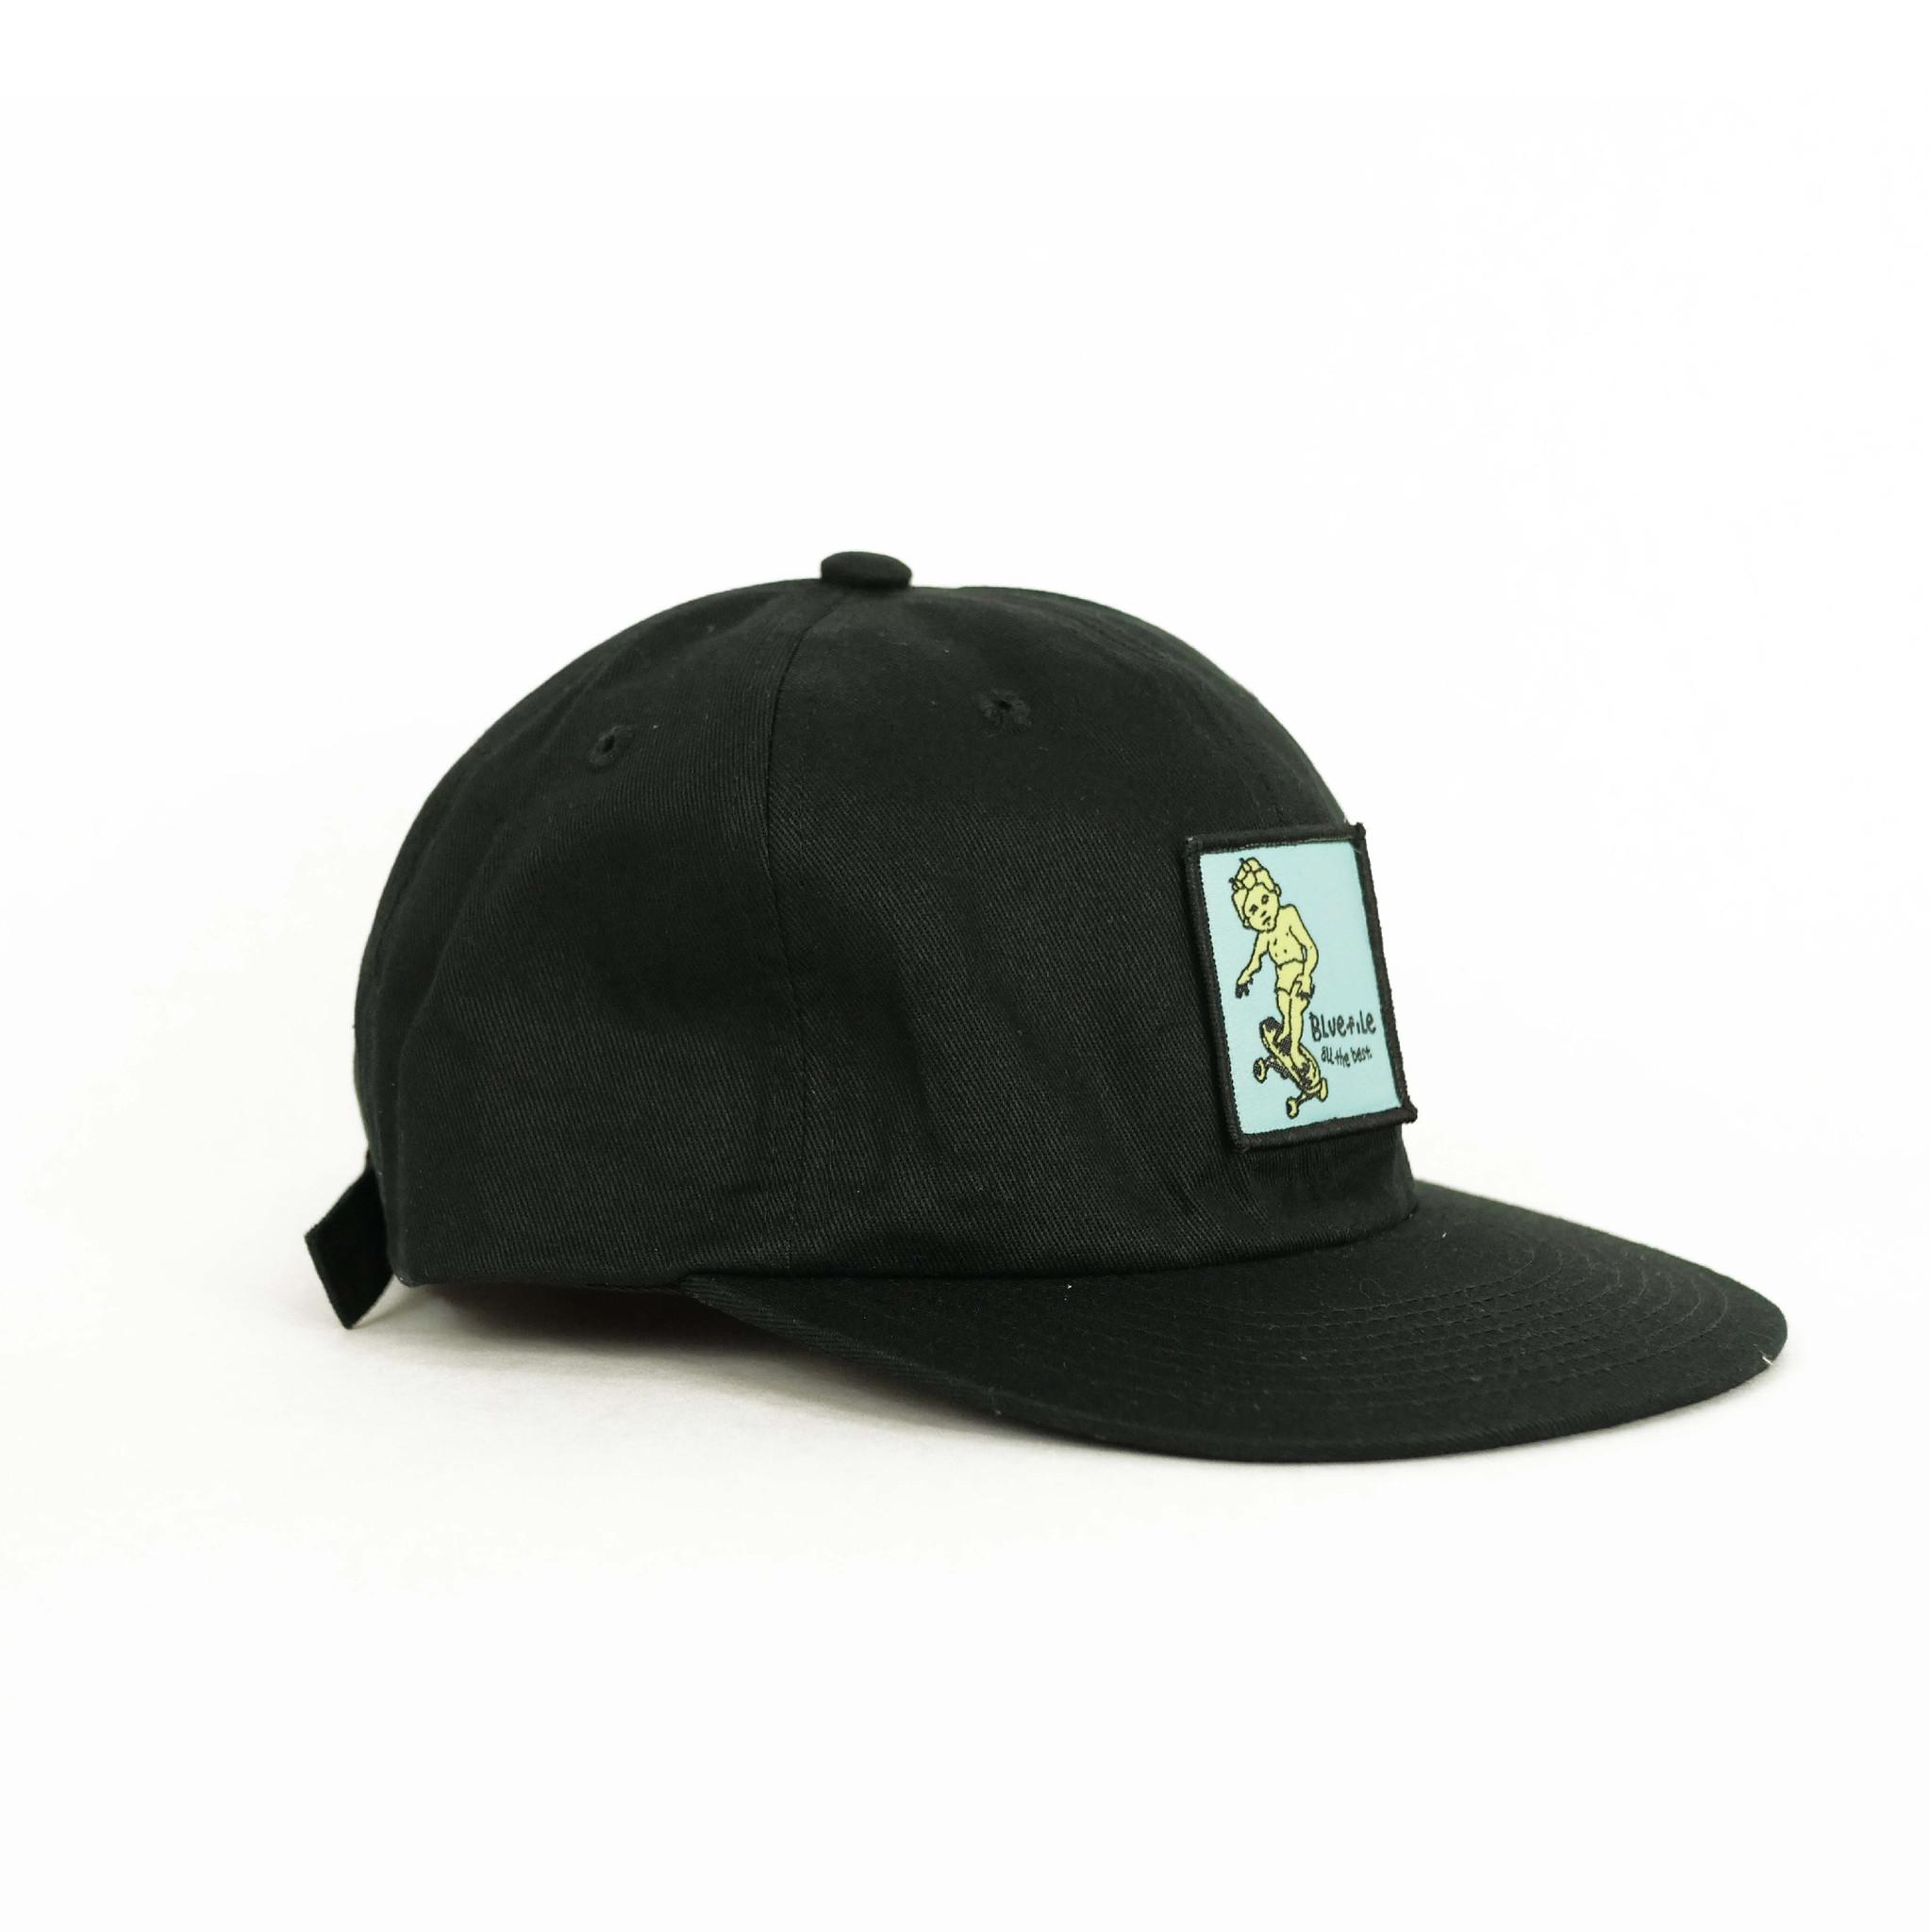 BLUETILE BLUETILE SKETCHY PATCH HAT BLACK